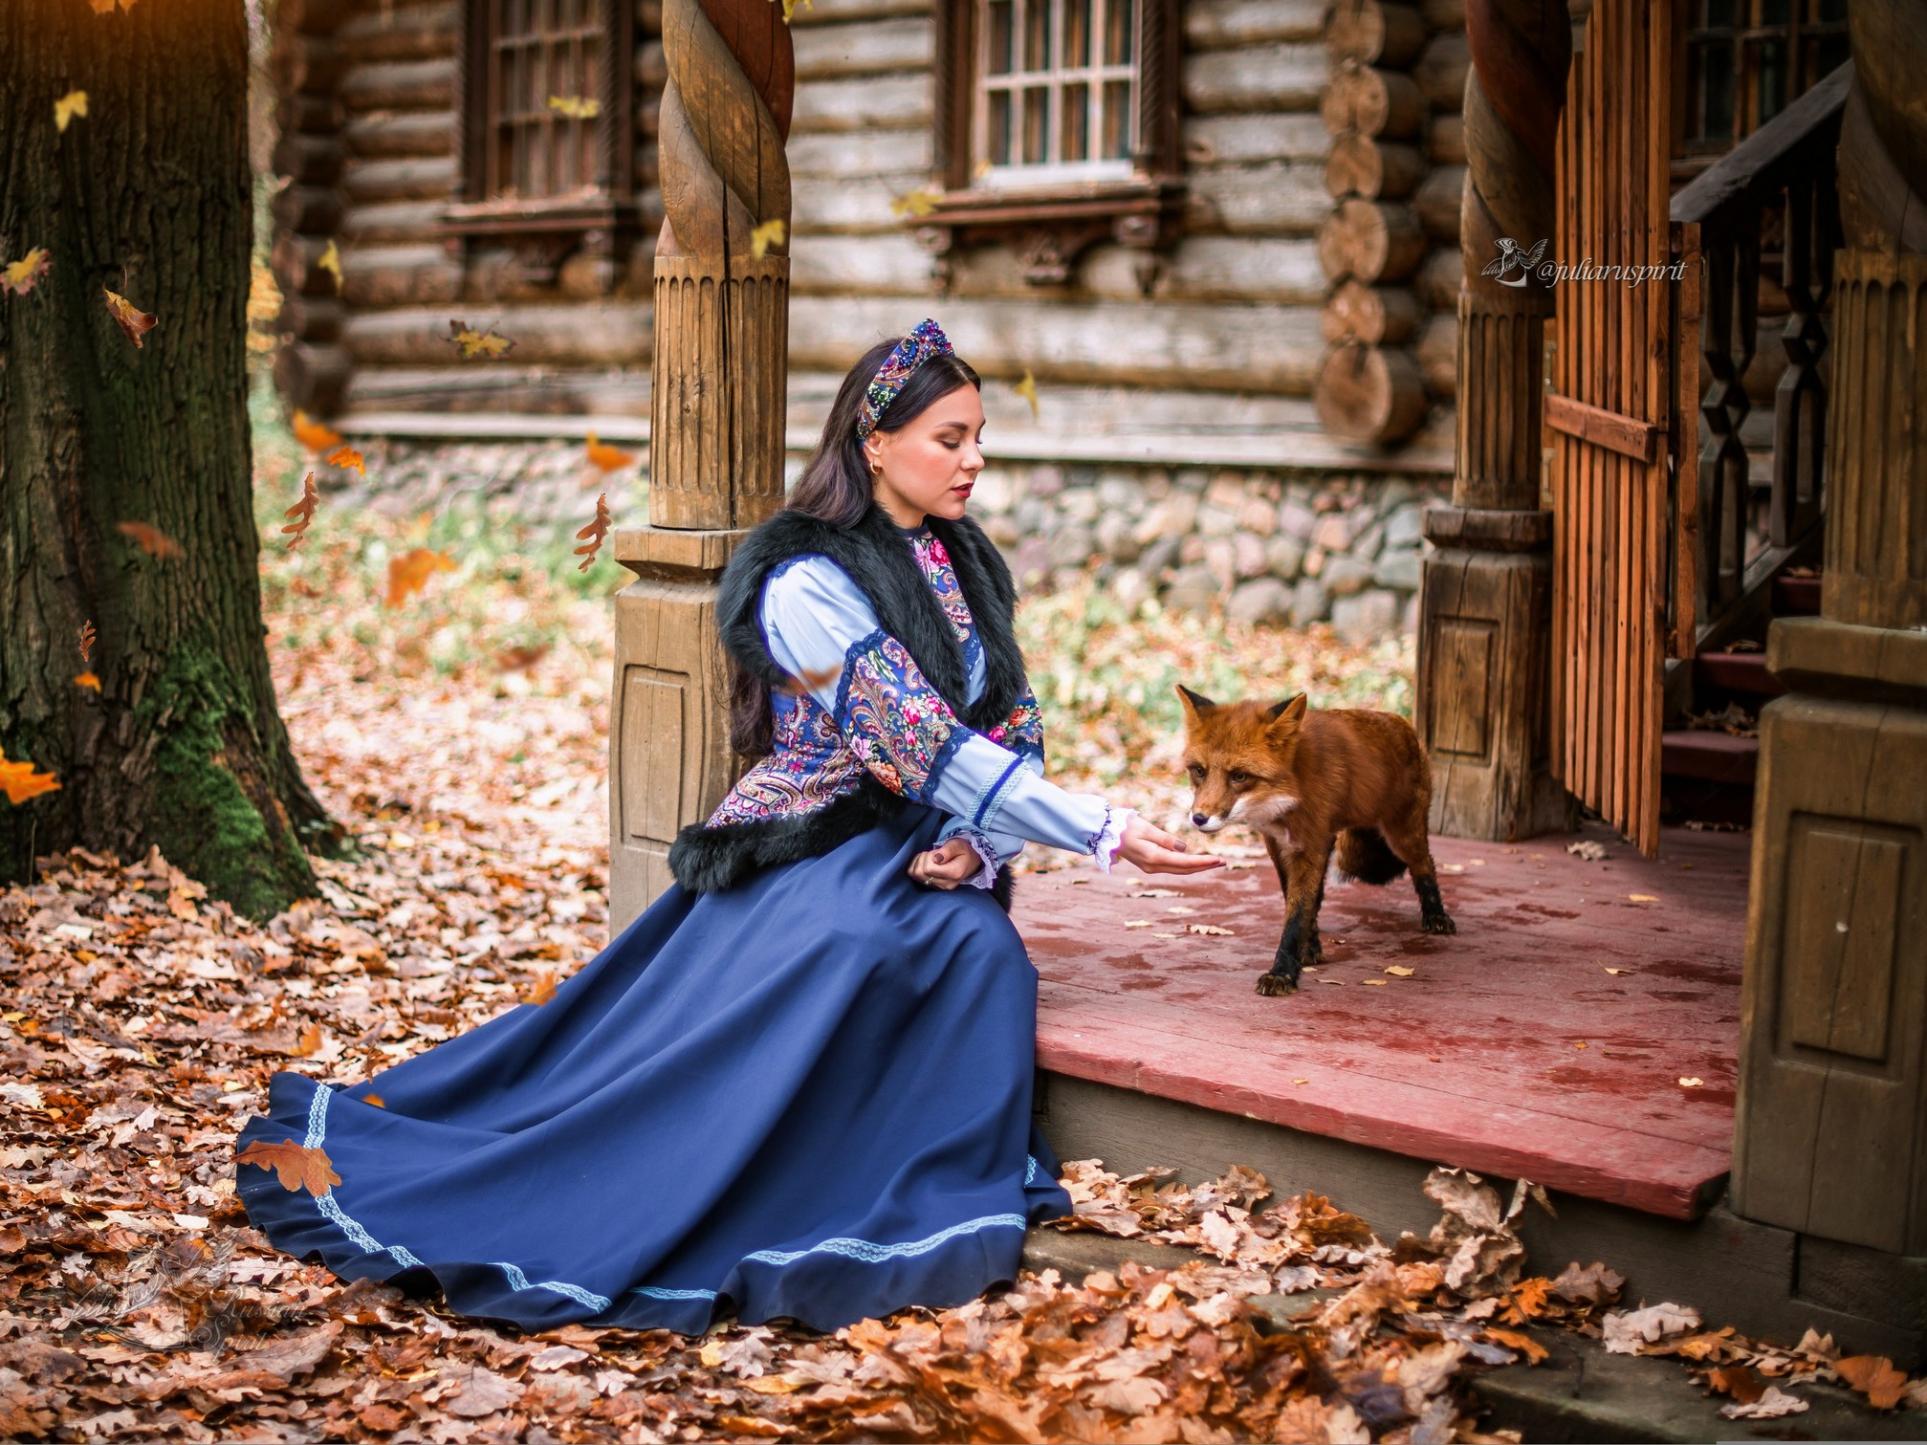 Девушка в костюме в русском стиле кормит лису на крылечке